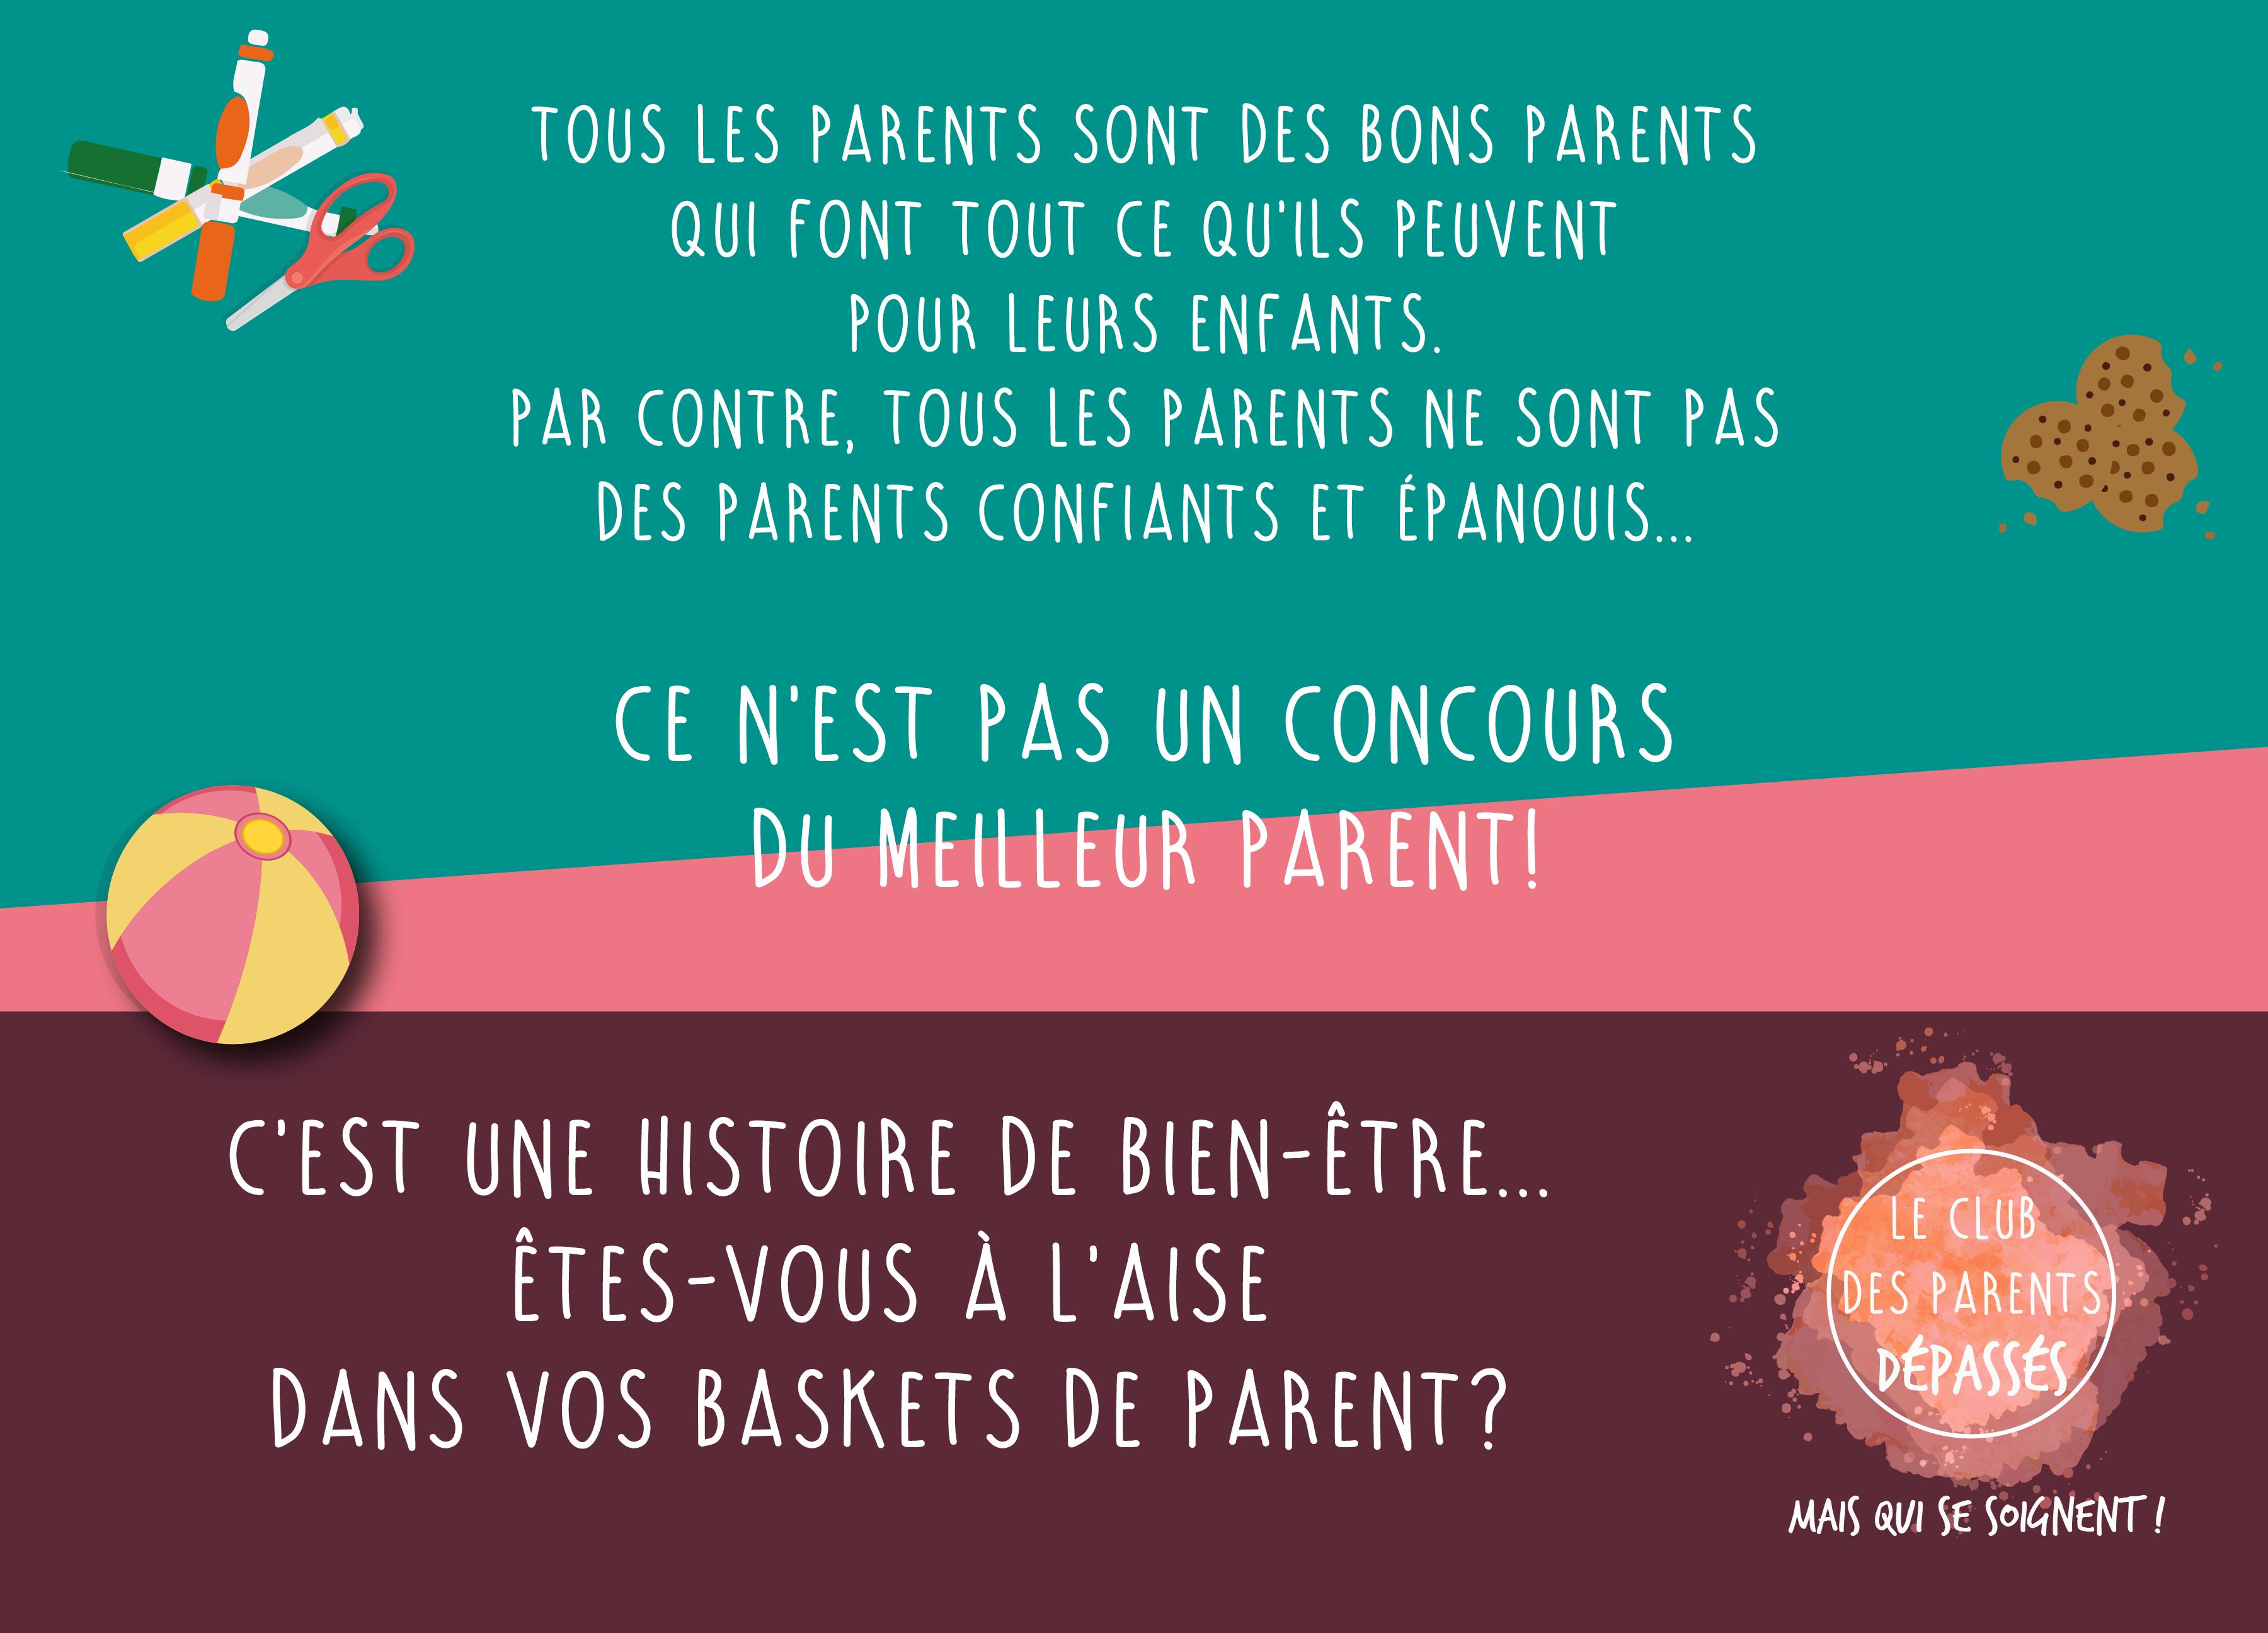 Tous bons parents. Discipline positive Lyon. Sandrine Franceschi